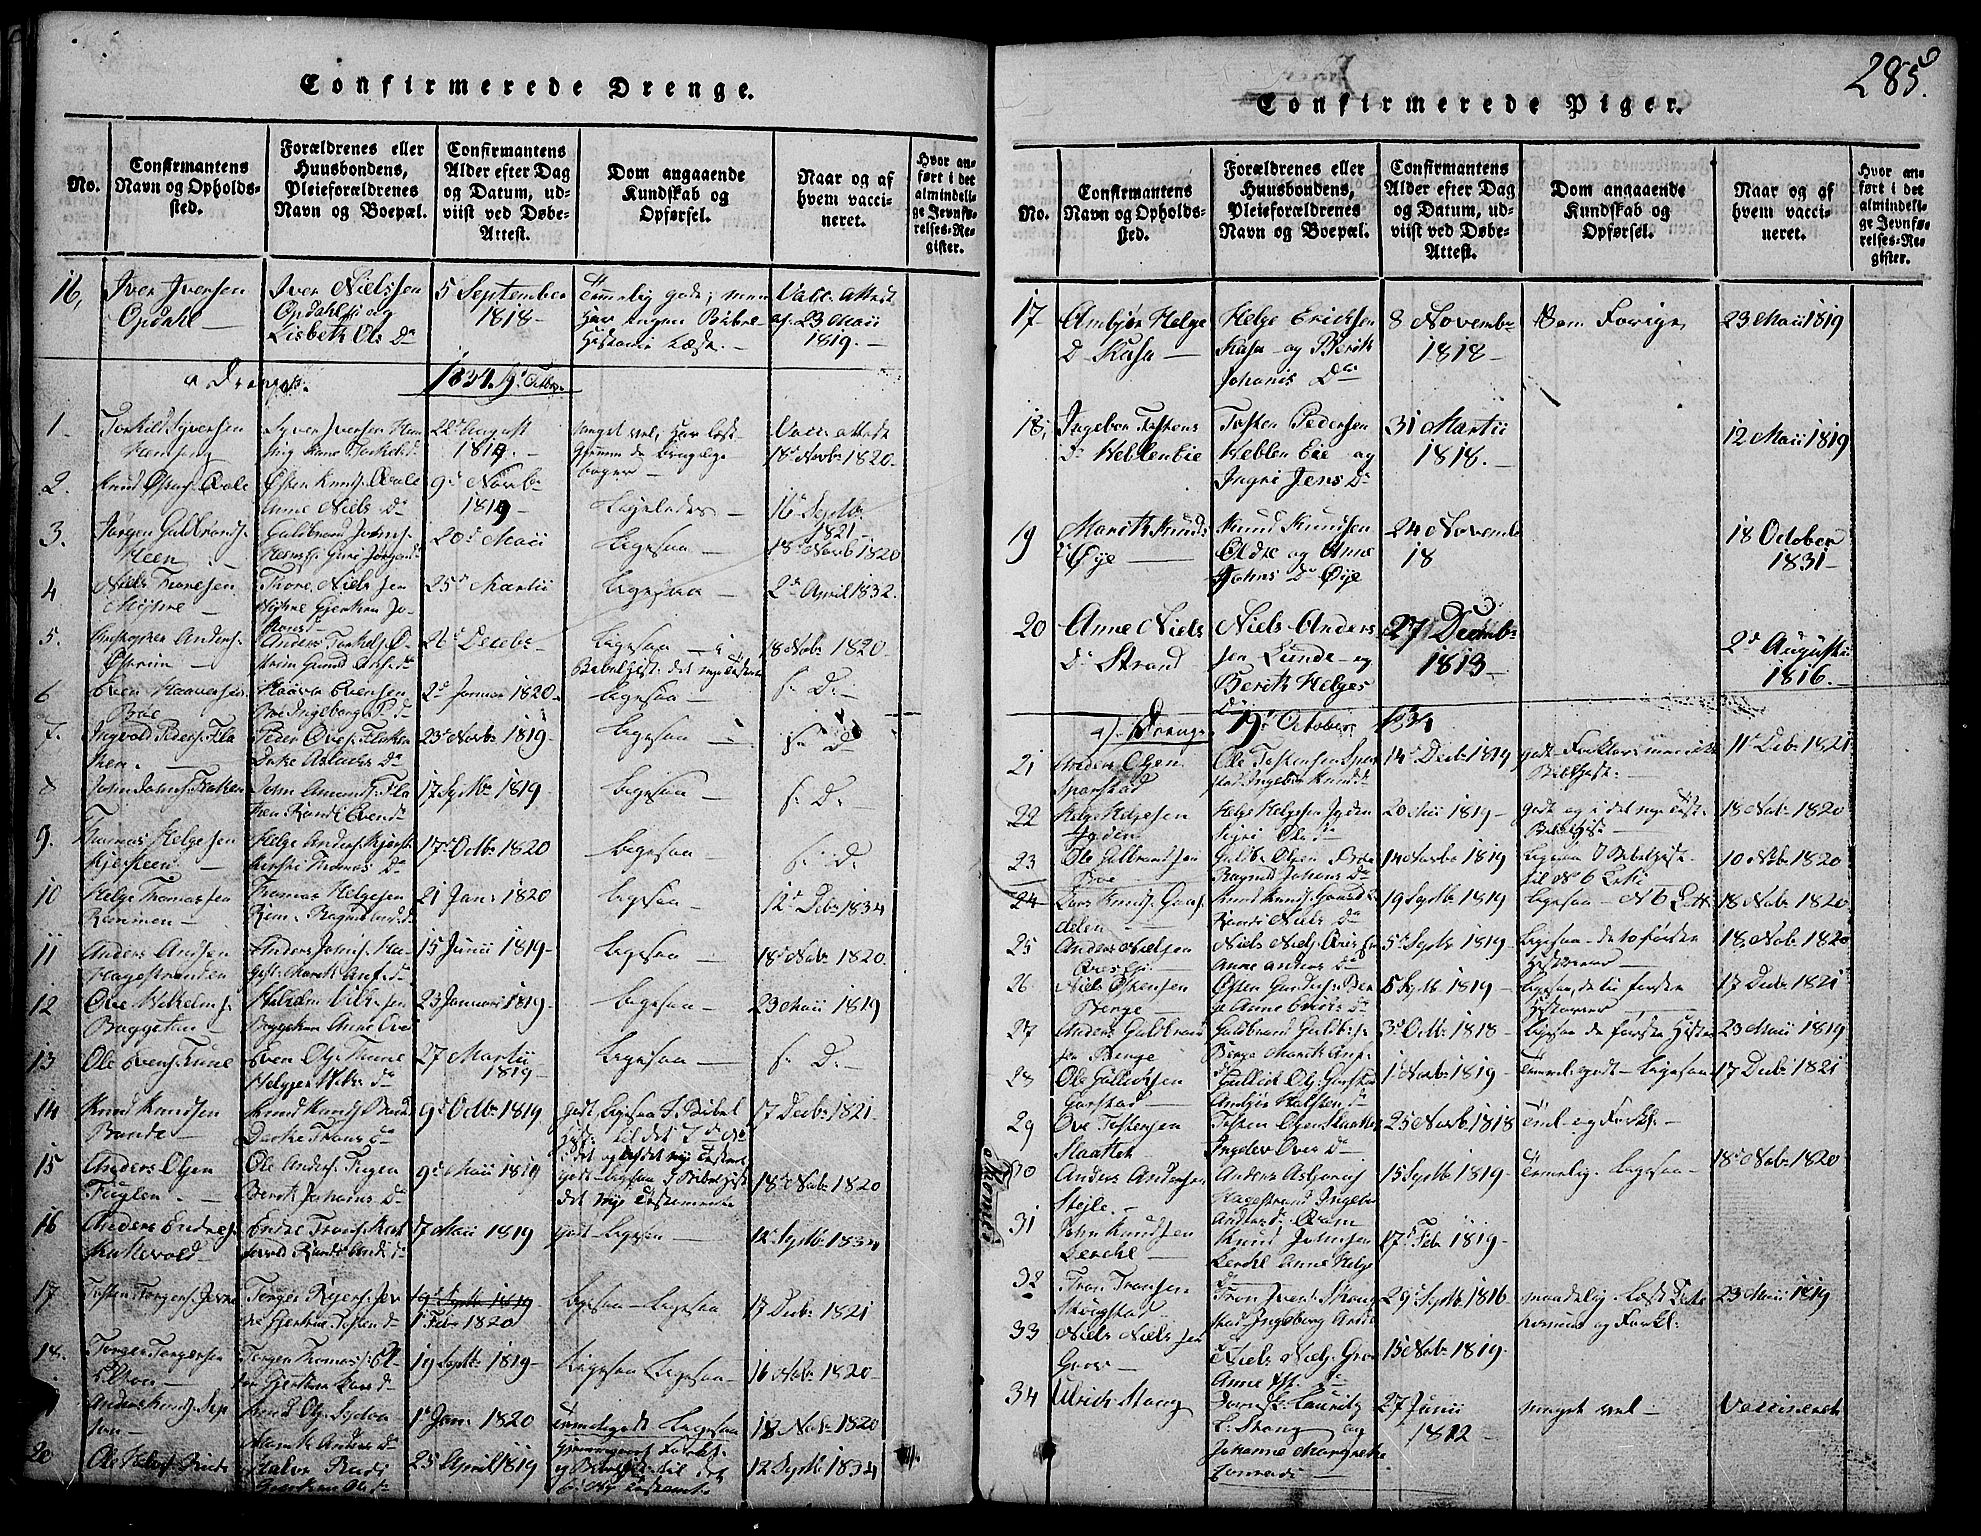 SAH, Vang prestekontor, Valdres, Klokkerbok nr. 2, 1814-1889, s. 285